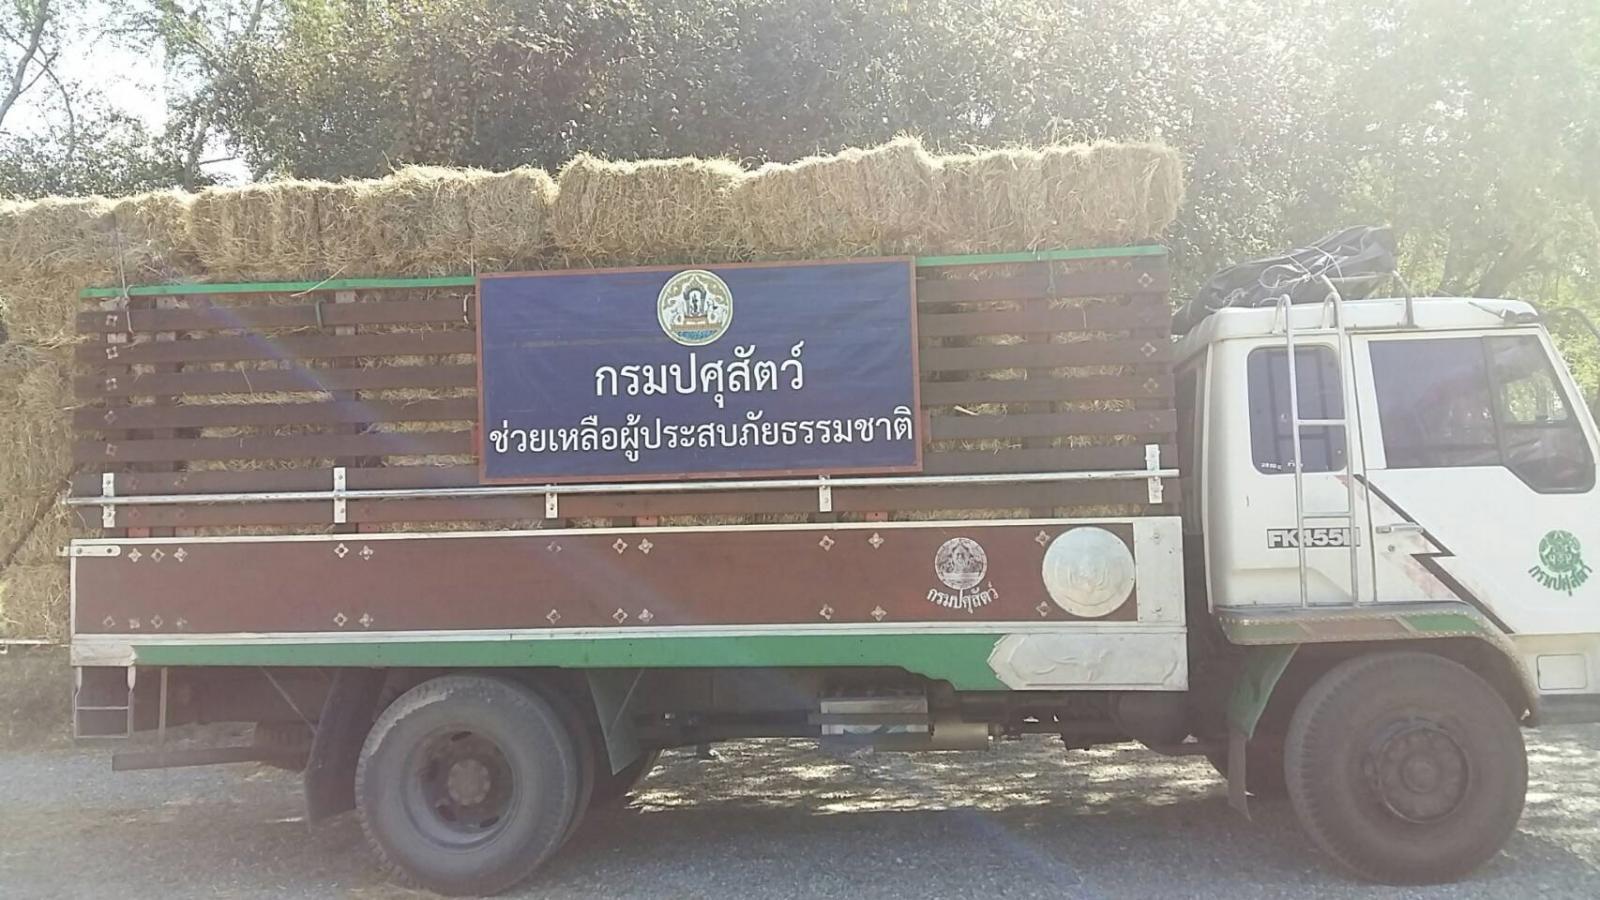 สมเด็จพระเทพฯ พระราชทานหญ้าแพงโกล่าแห้งช่วยผู้เลี้ยงสัตว์ภาคใต้